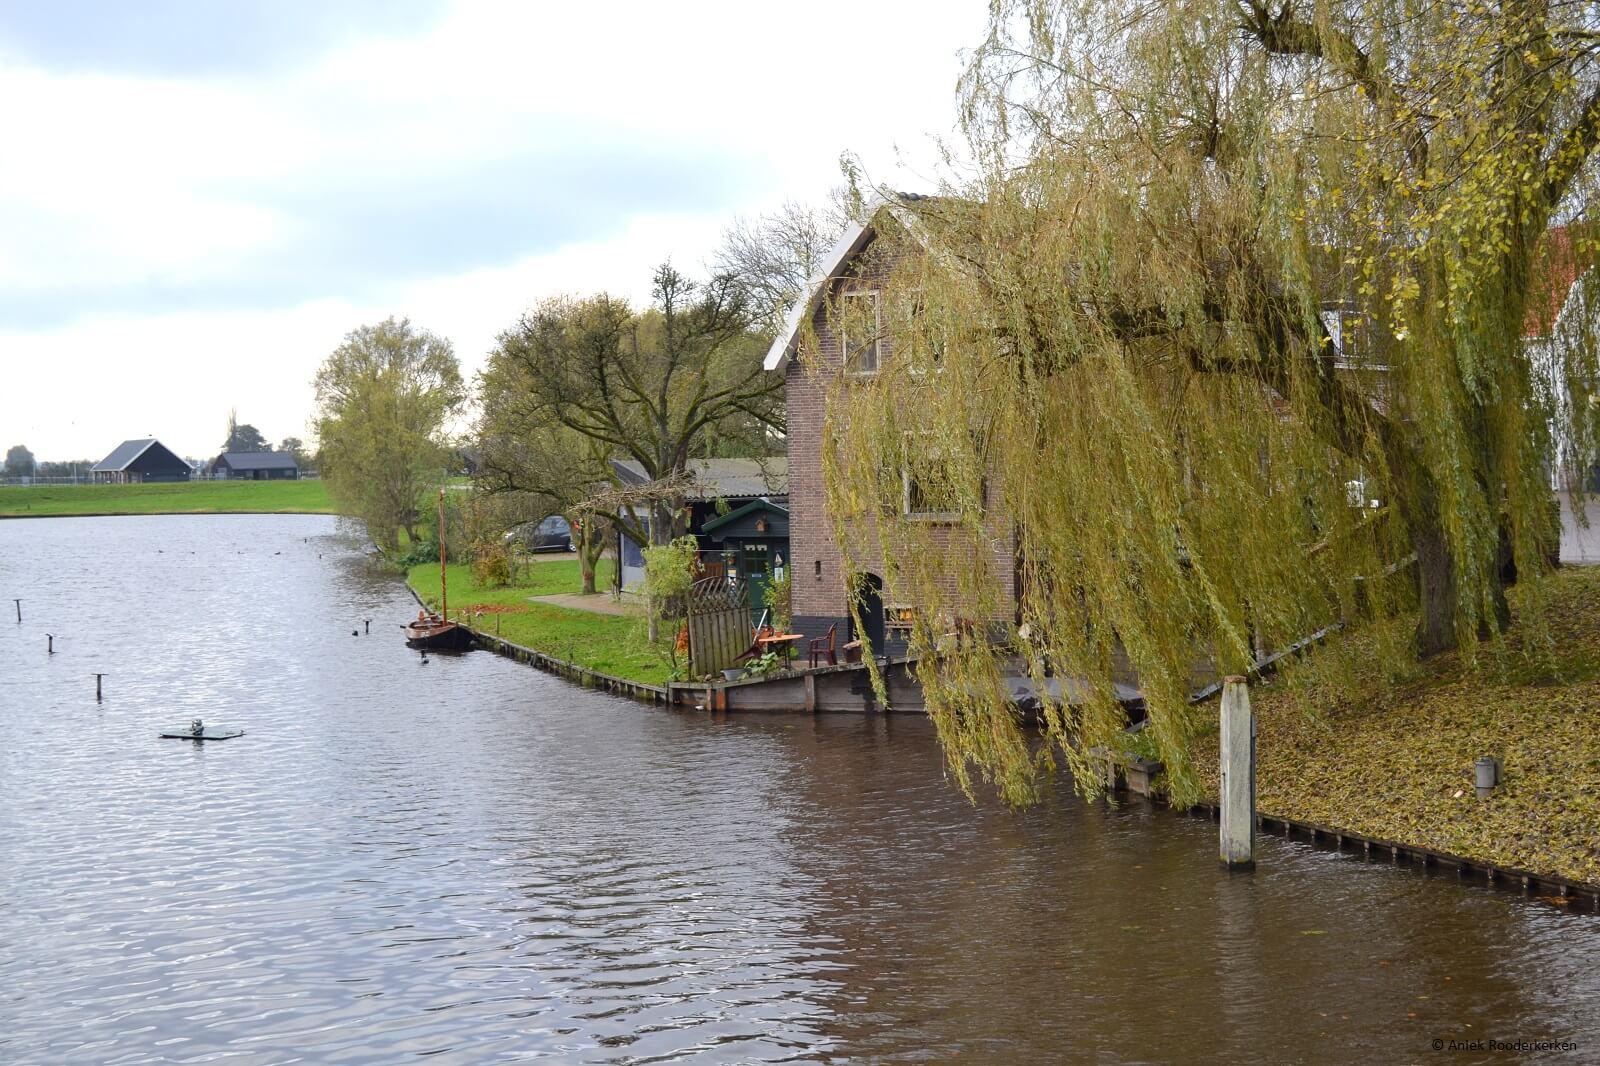 Hanzestad Elburg